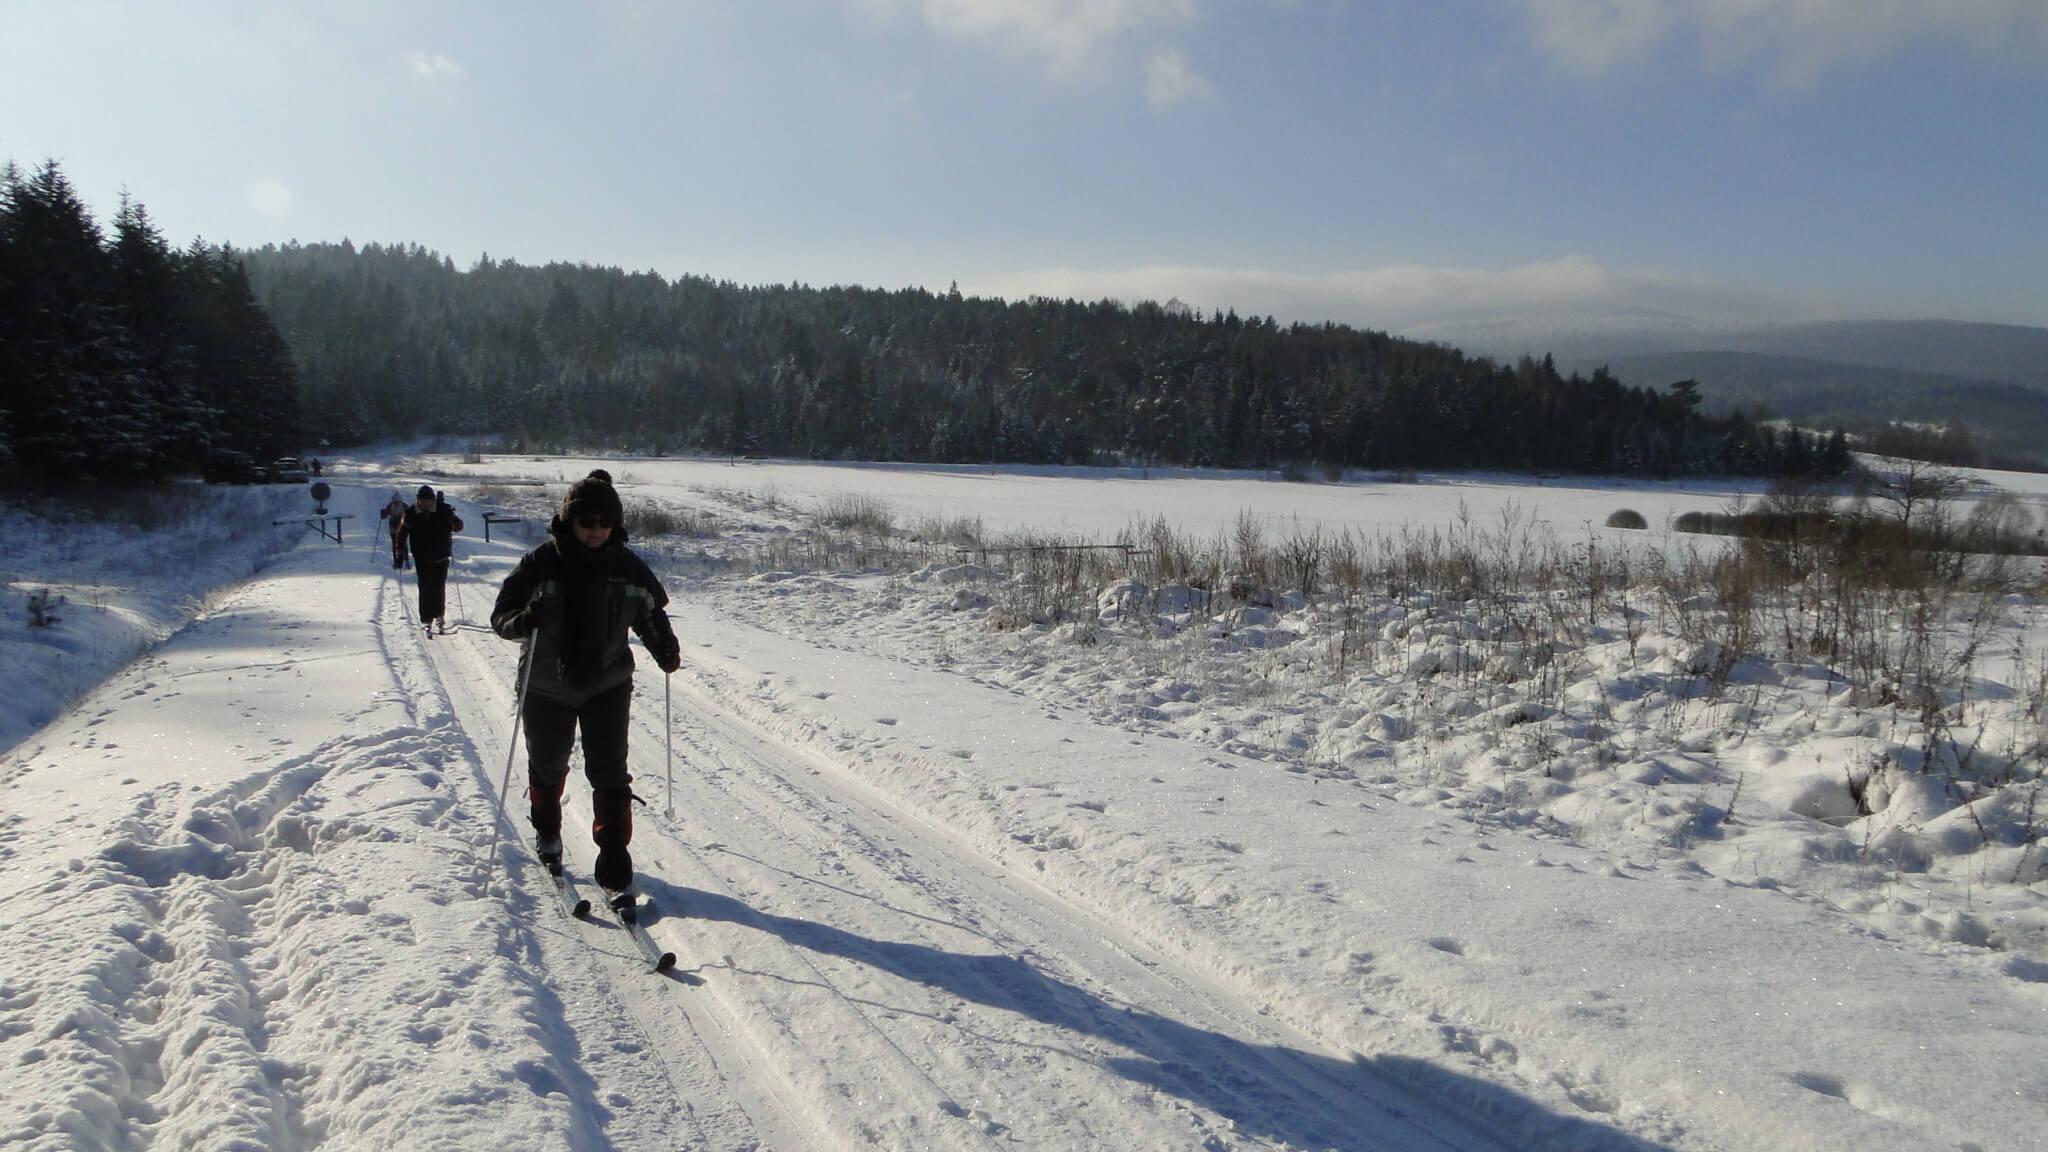 Na nartach do Polan Surowicznych!